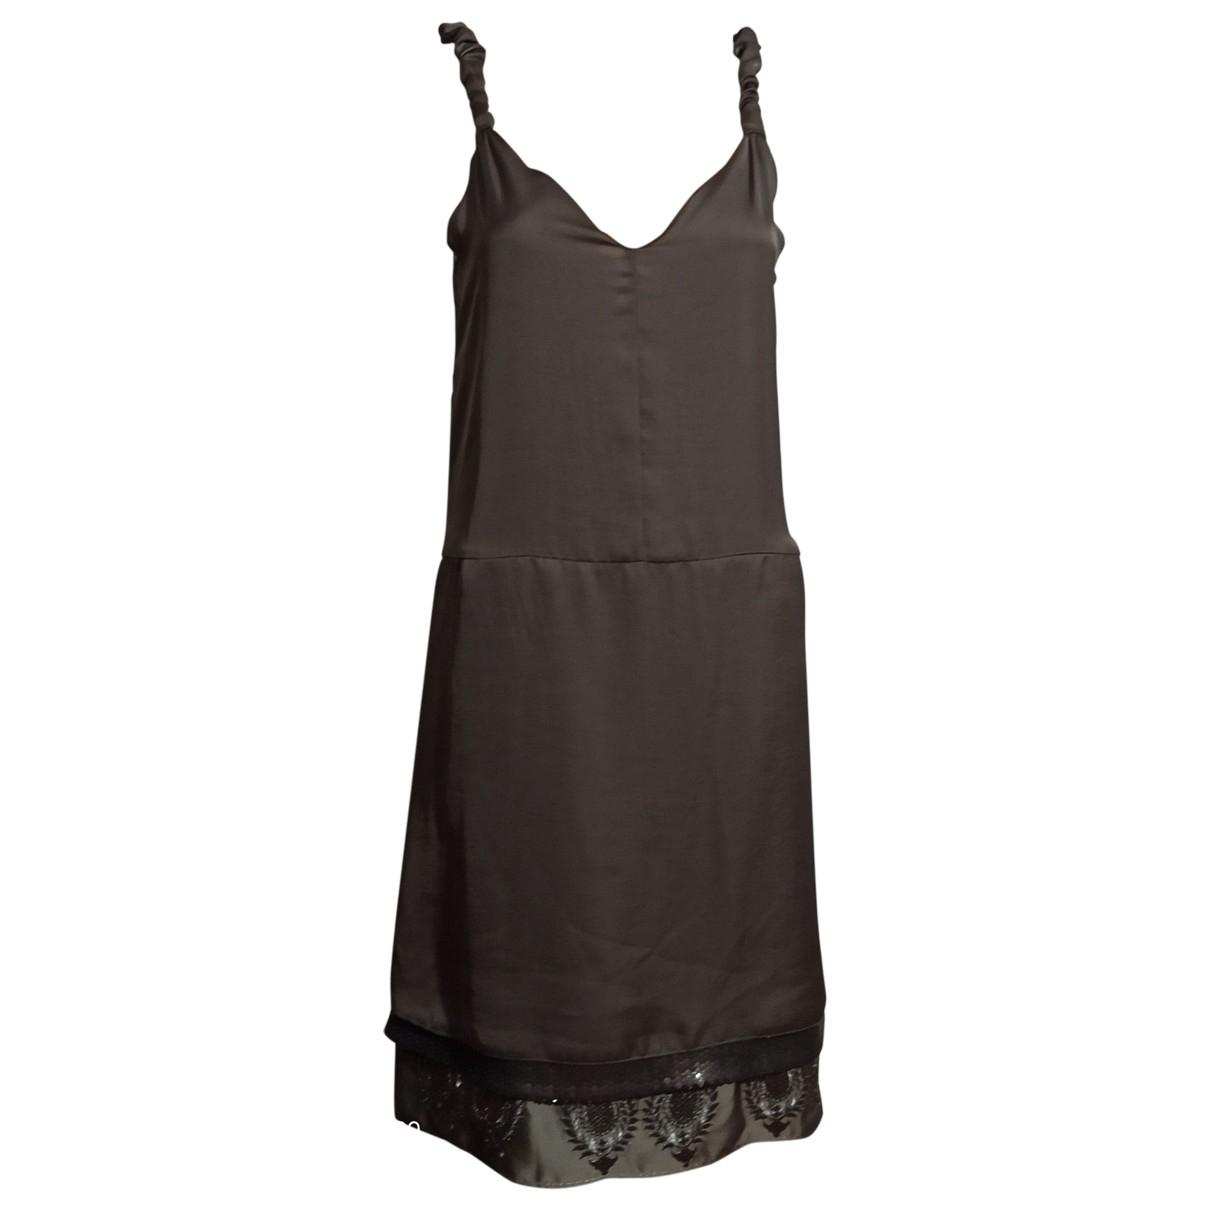 Maliparmi \N Kleid in  Grau Polyester